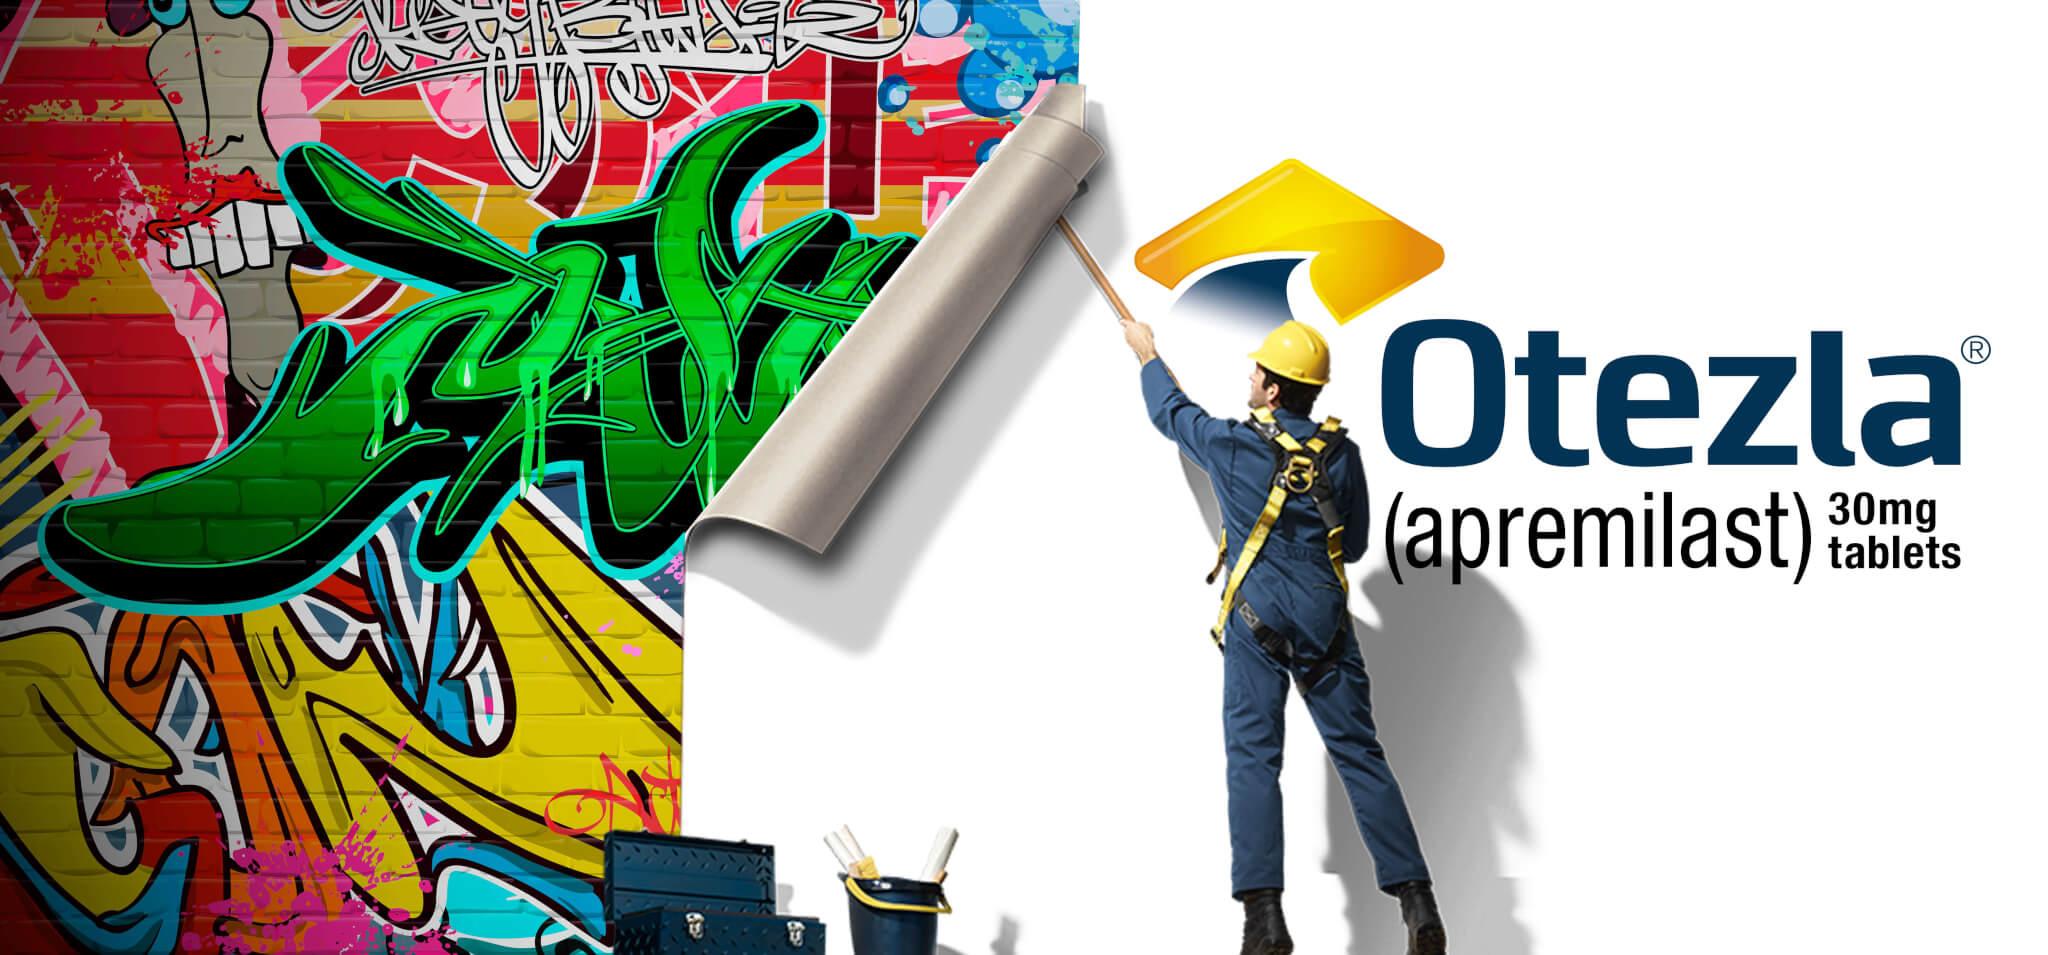 Otezla Graffitti Concept By Joe Tocci, Palio Creative Director